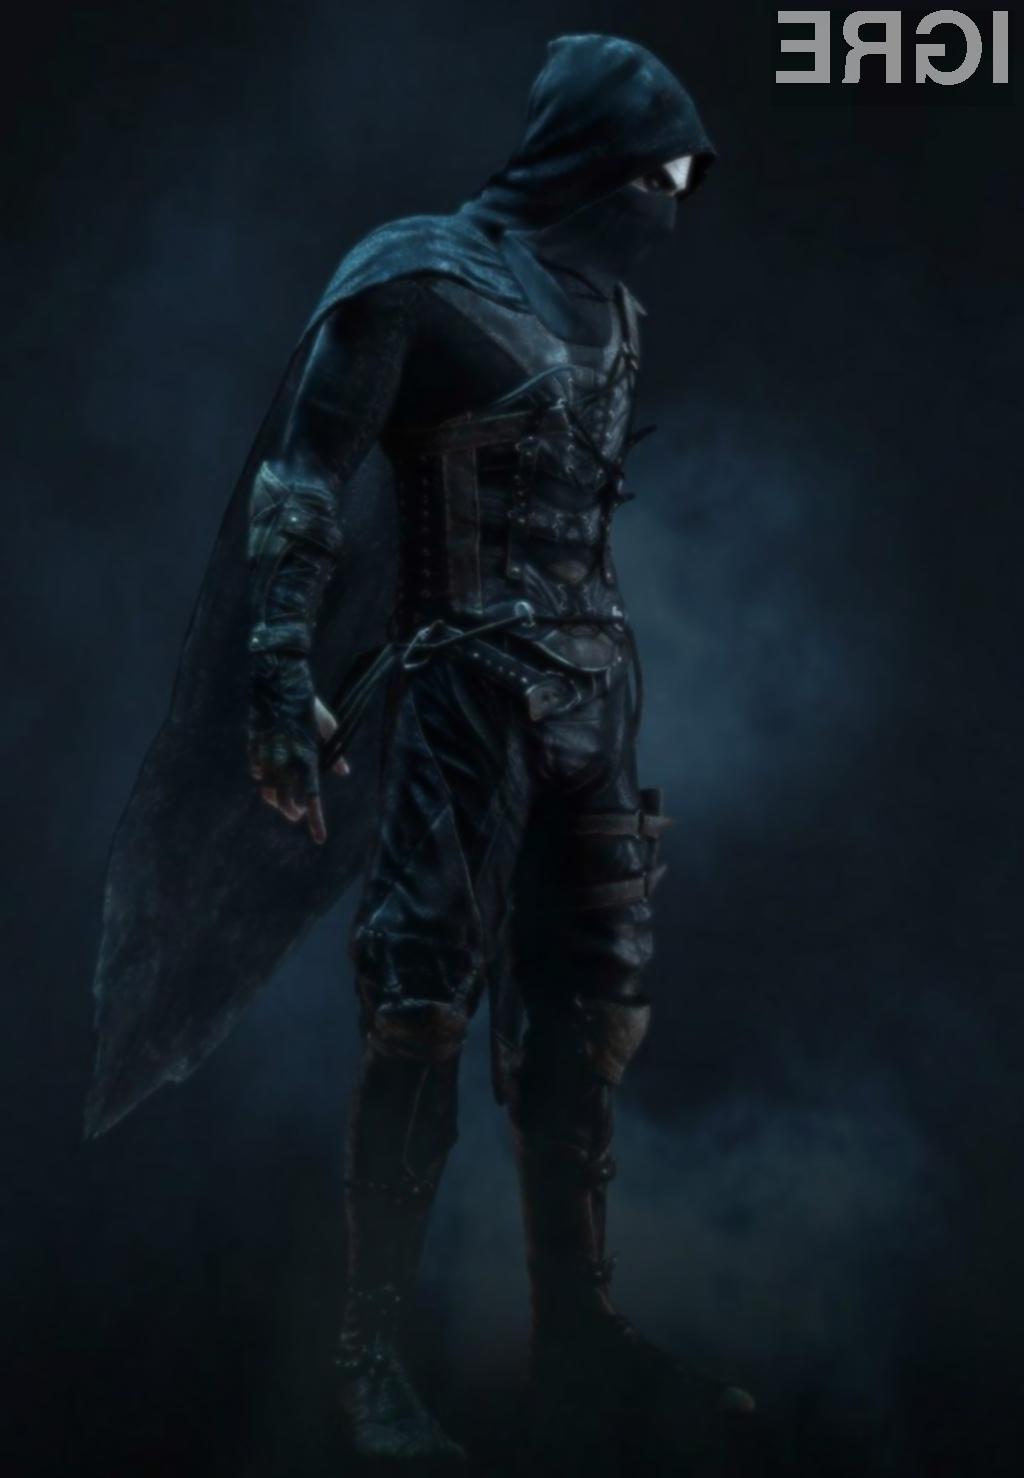 Square Enix je v napovedniku za Thief 4 razkril prve podrobnosti igre.